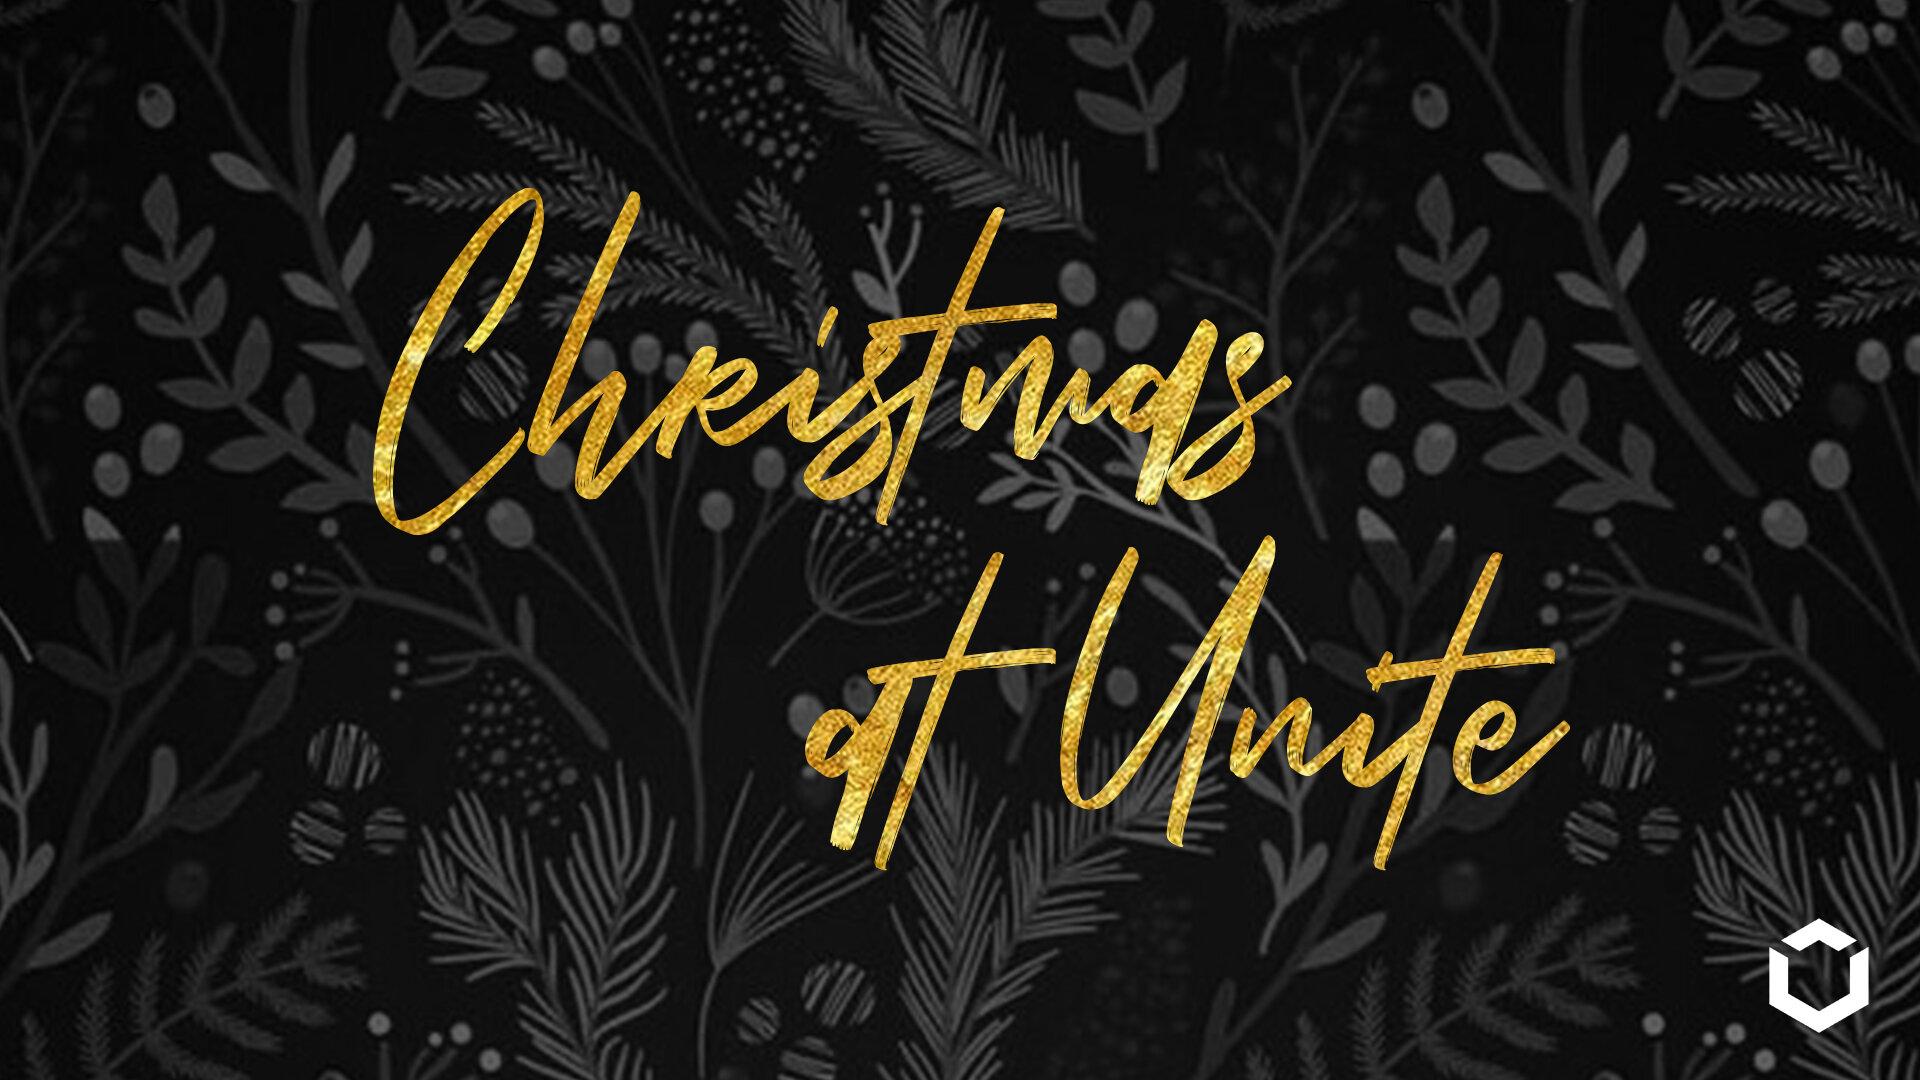 Christmas at Unite-Slider-Info2 copy copy.jpg